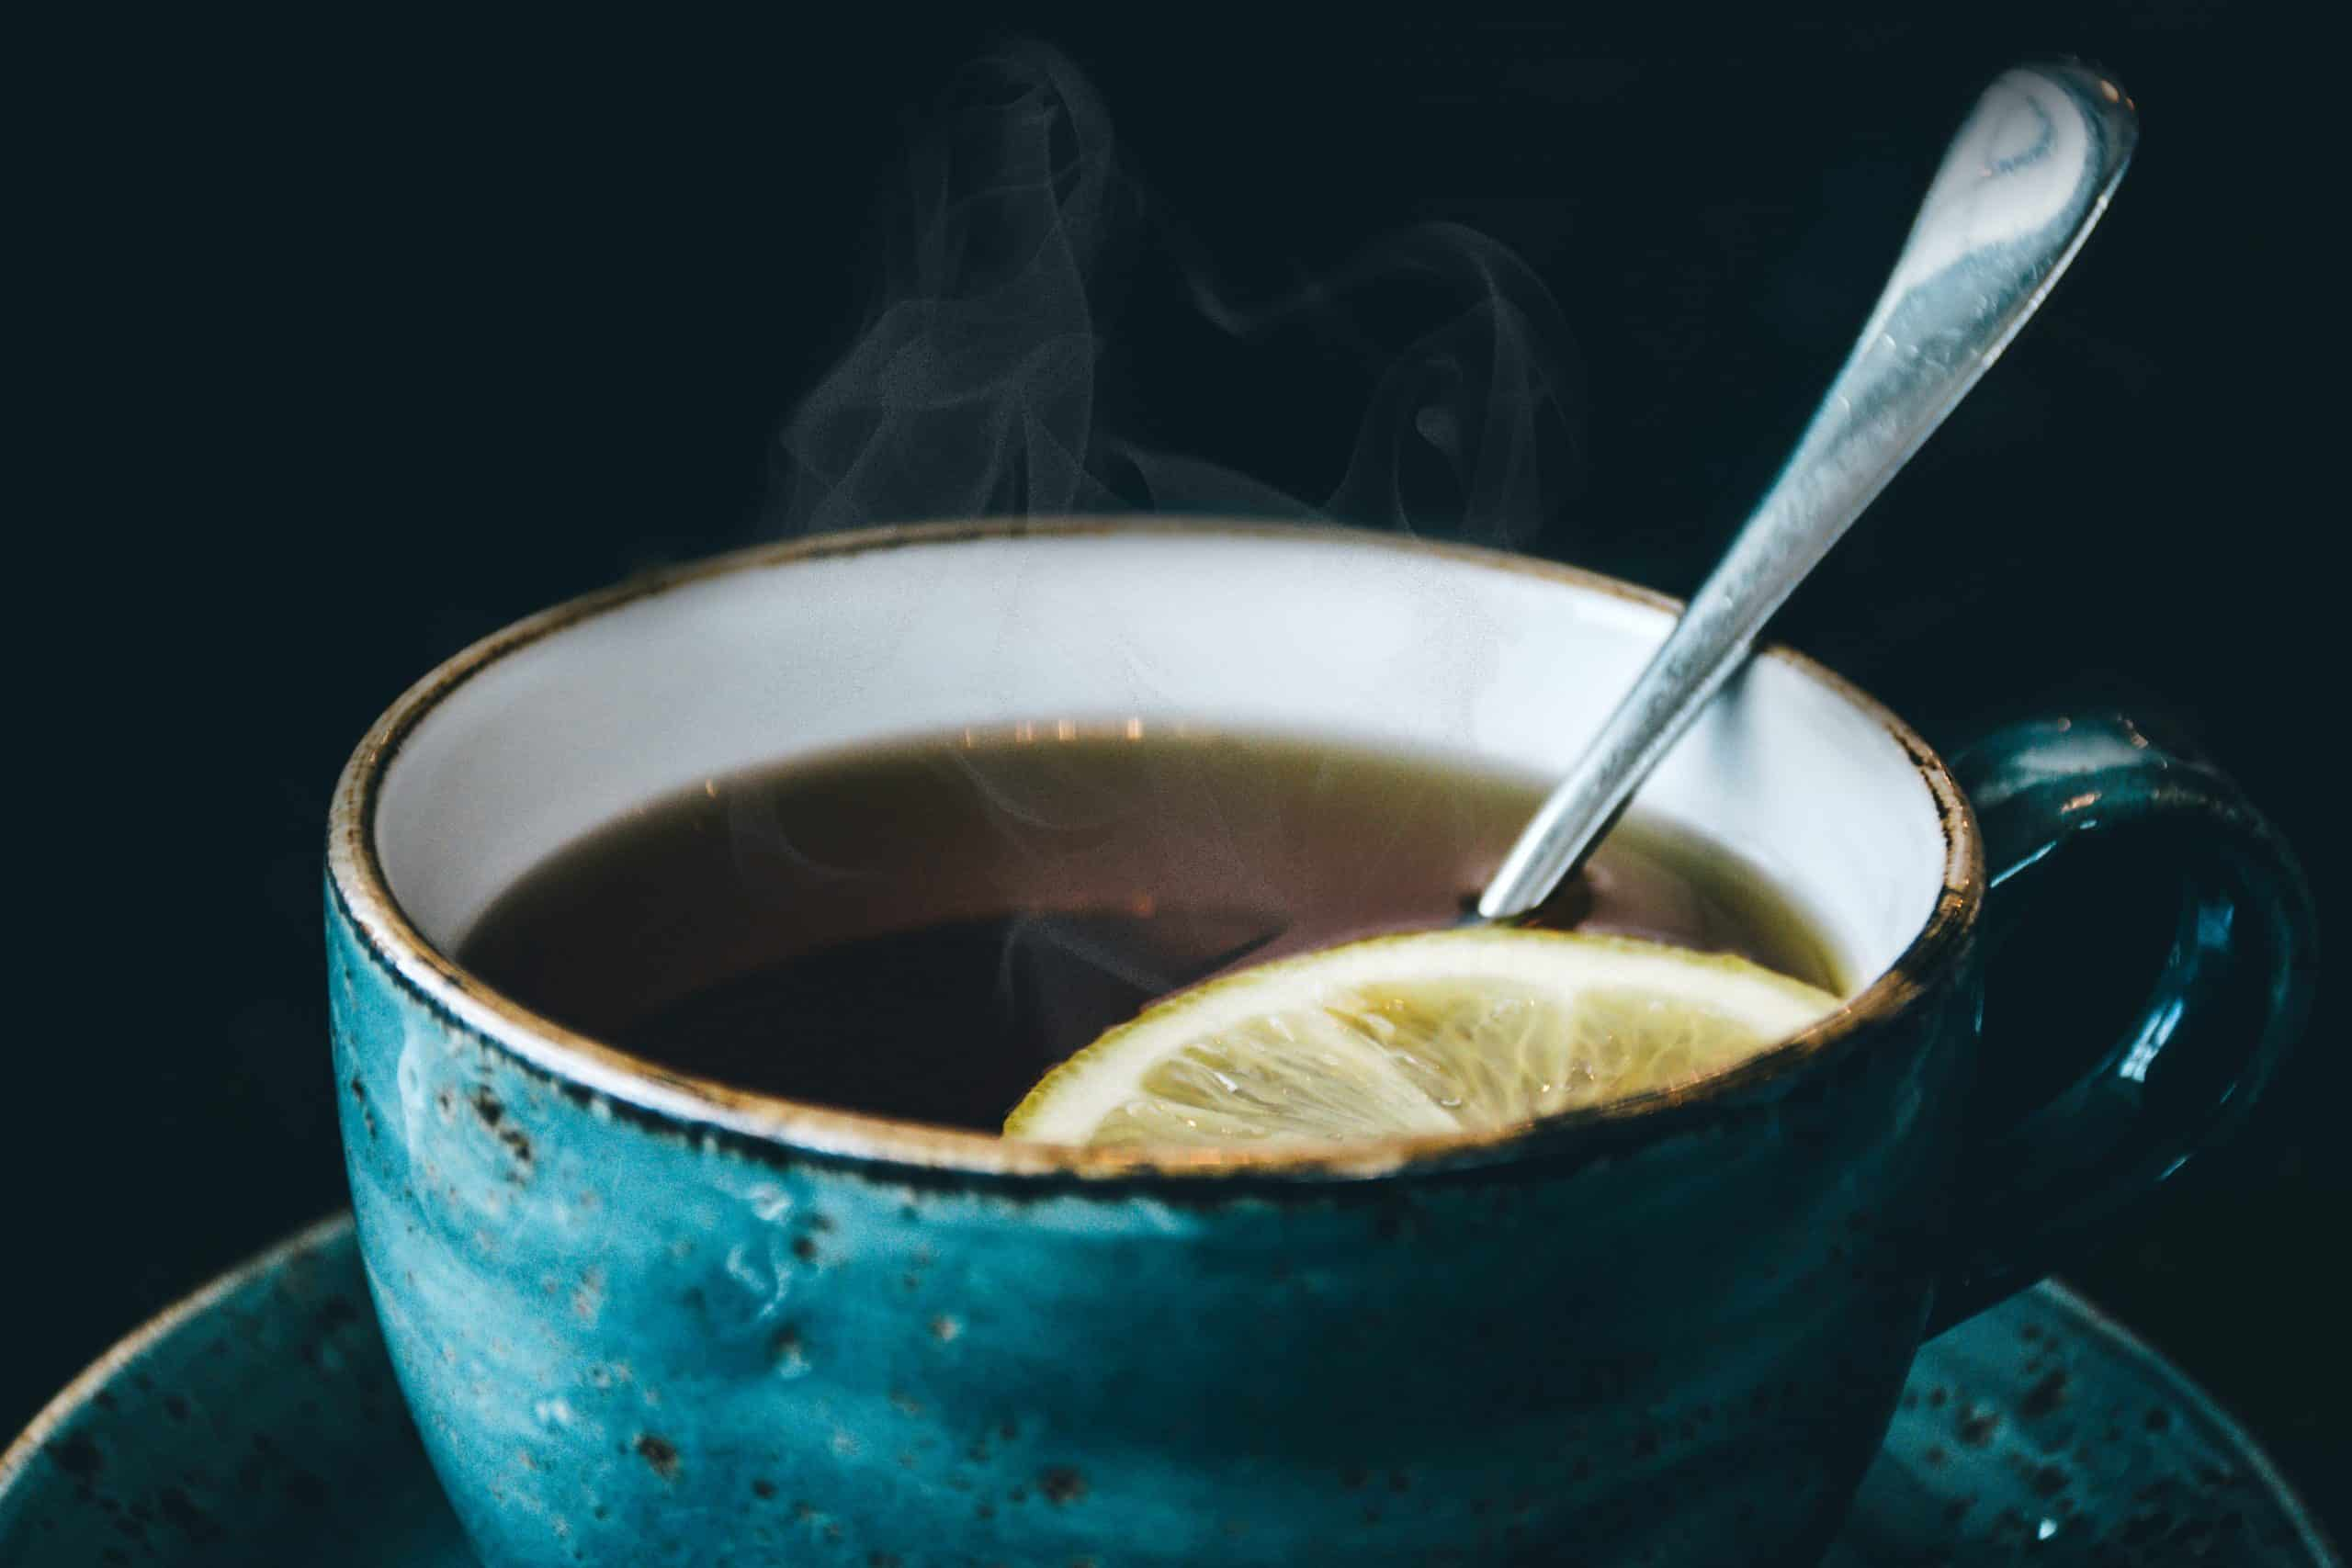 Fotografia de um copo de chá